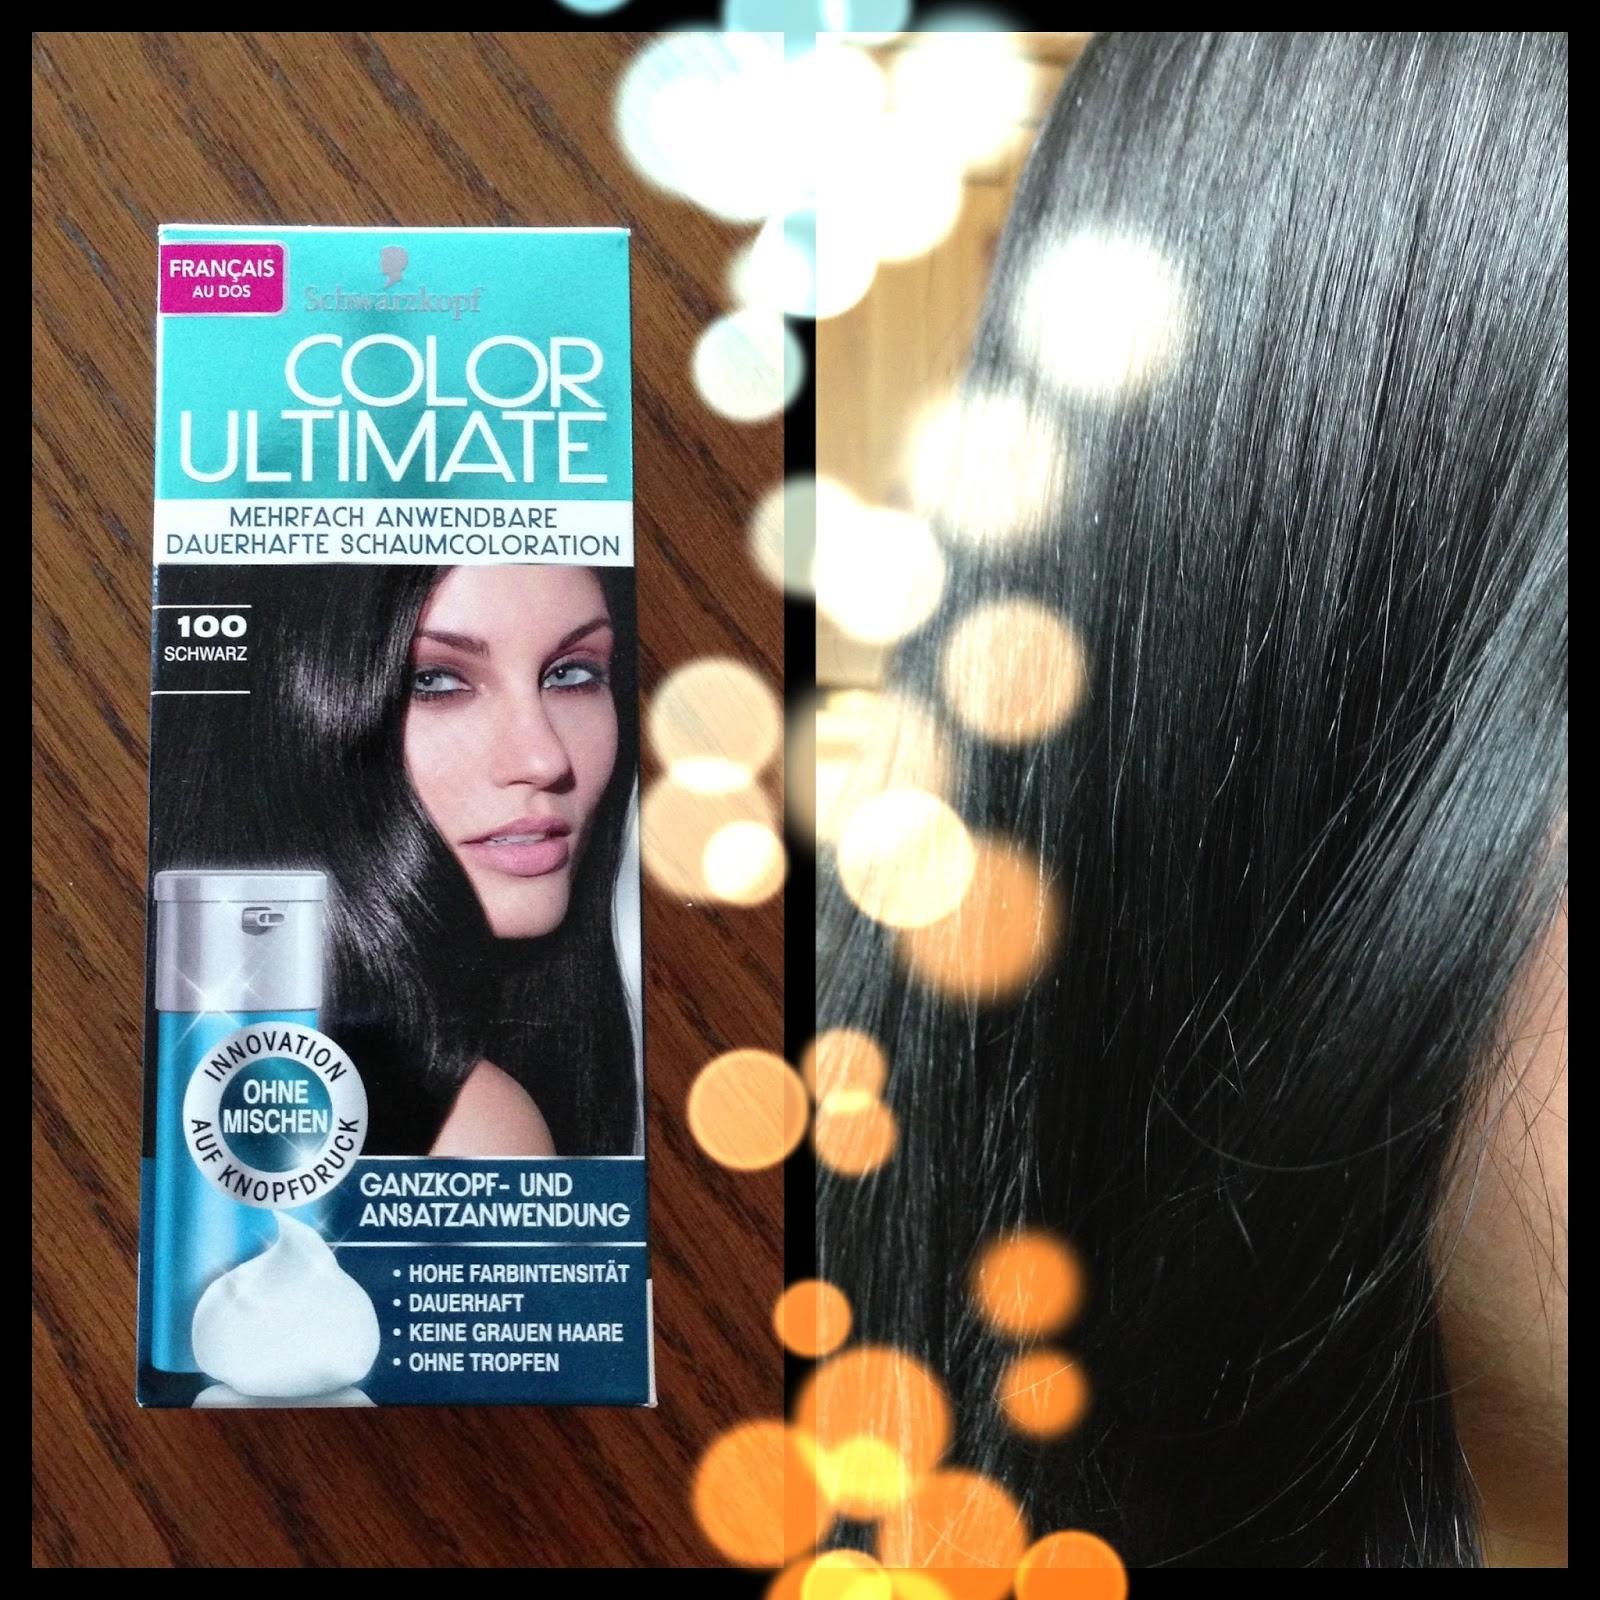 hair color ultimate la coloration mousse et rutilisable signe schwarzkopf - Coloration Rutilisable